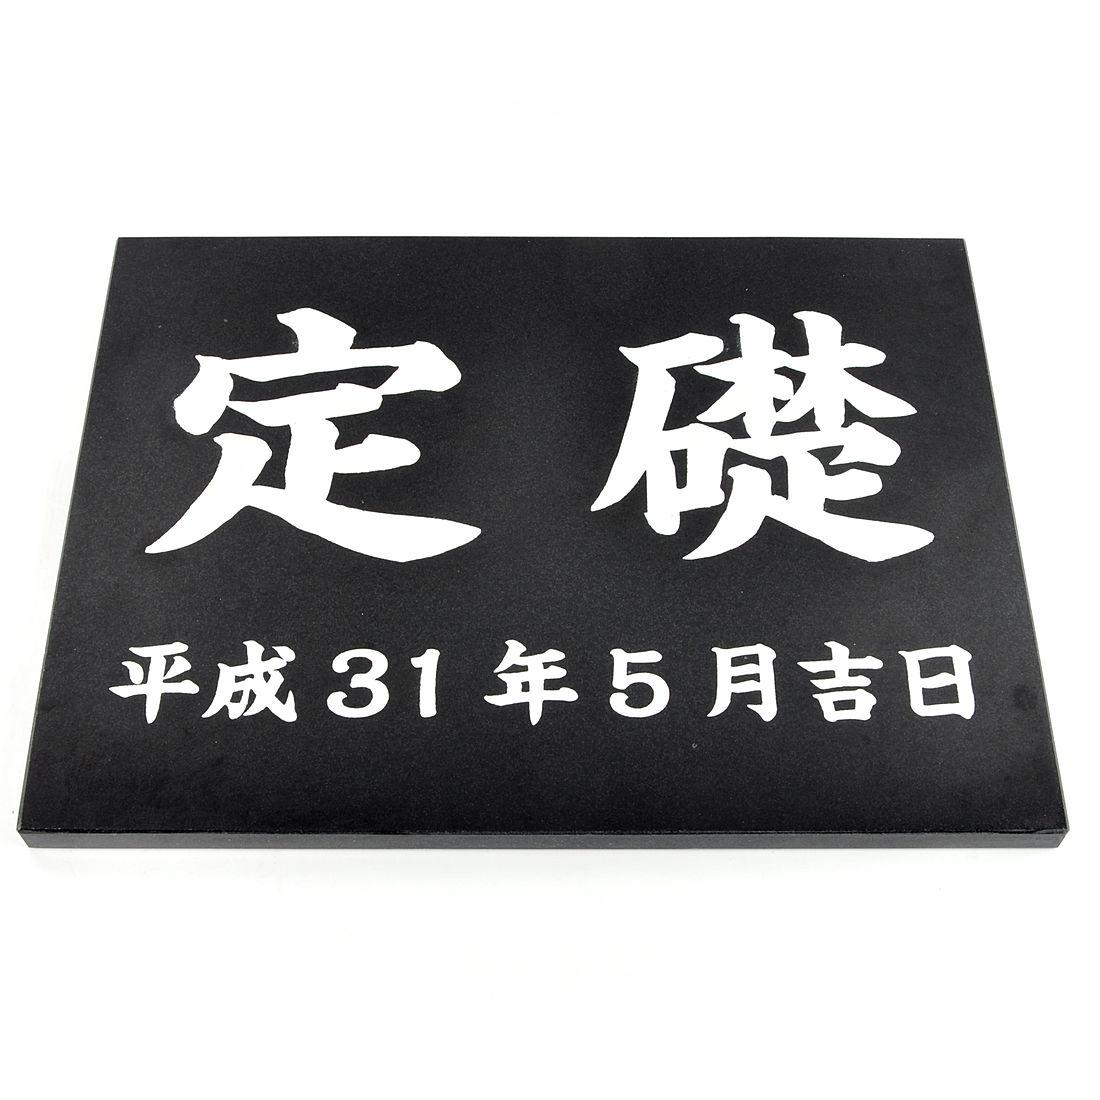 表札のアトリエ 天然石 定礎 御影石 ブラック 400x300 (厚さ20mm)  【HLS_DU】【楽ギフ_名入れ】 attr147attr ctgr1ctgr sml6sml+ctgr1ctgr noanml